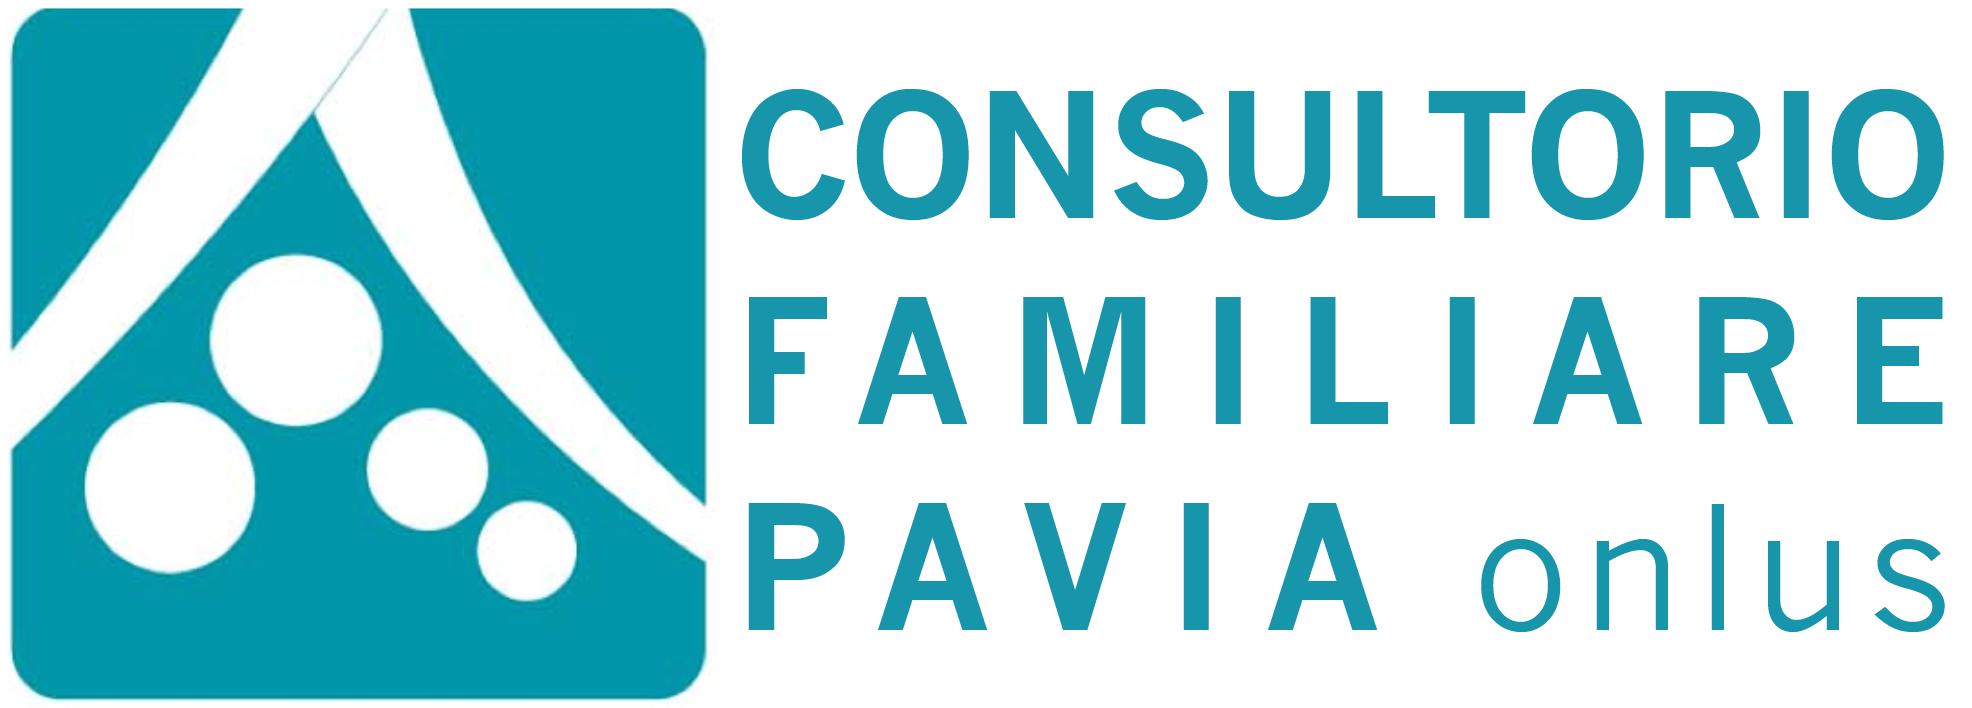 Consultorio Familiare Pavia